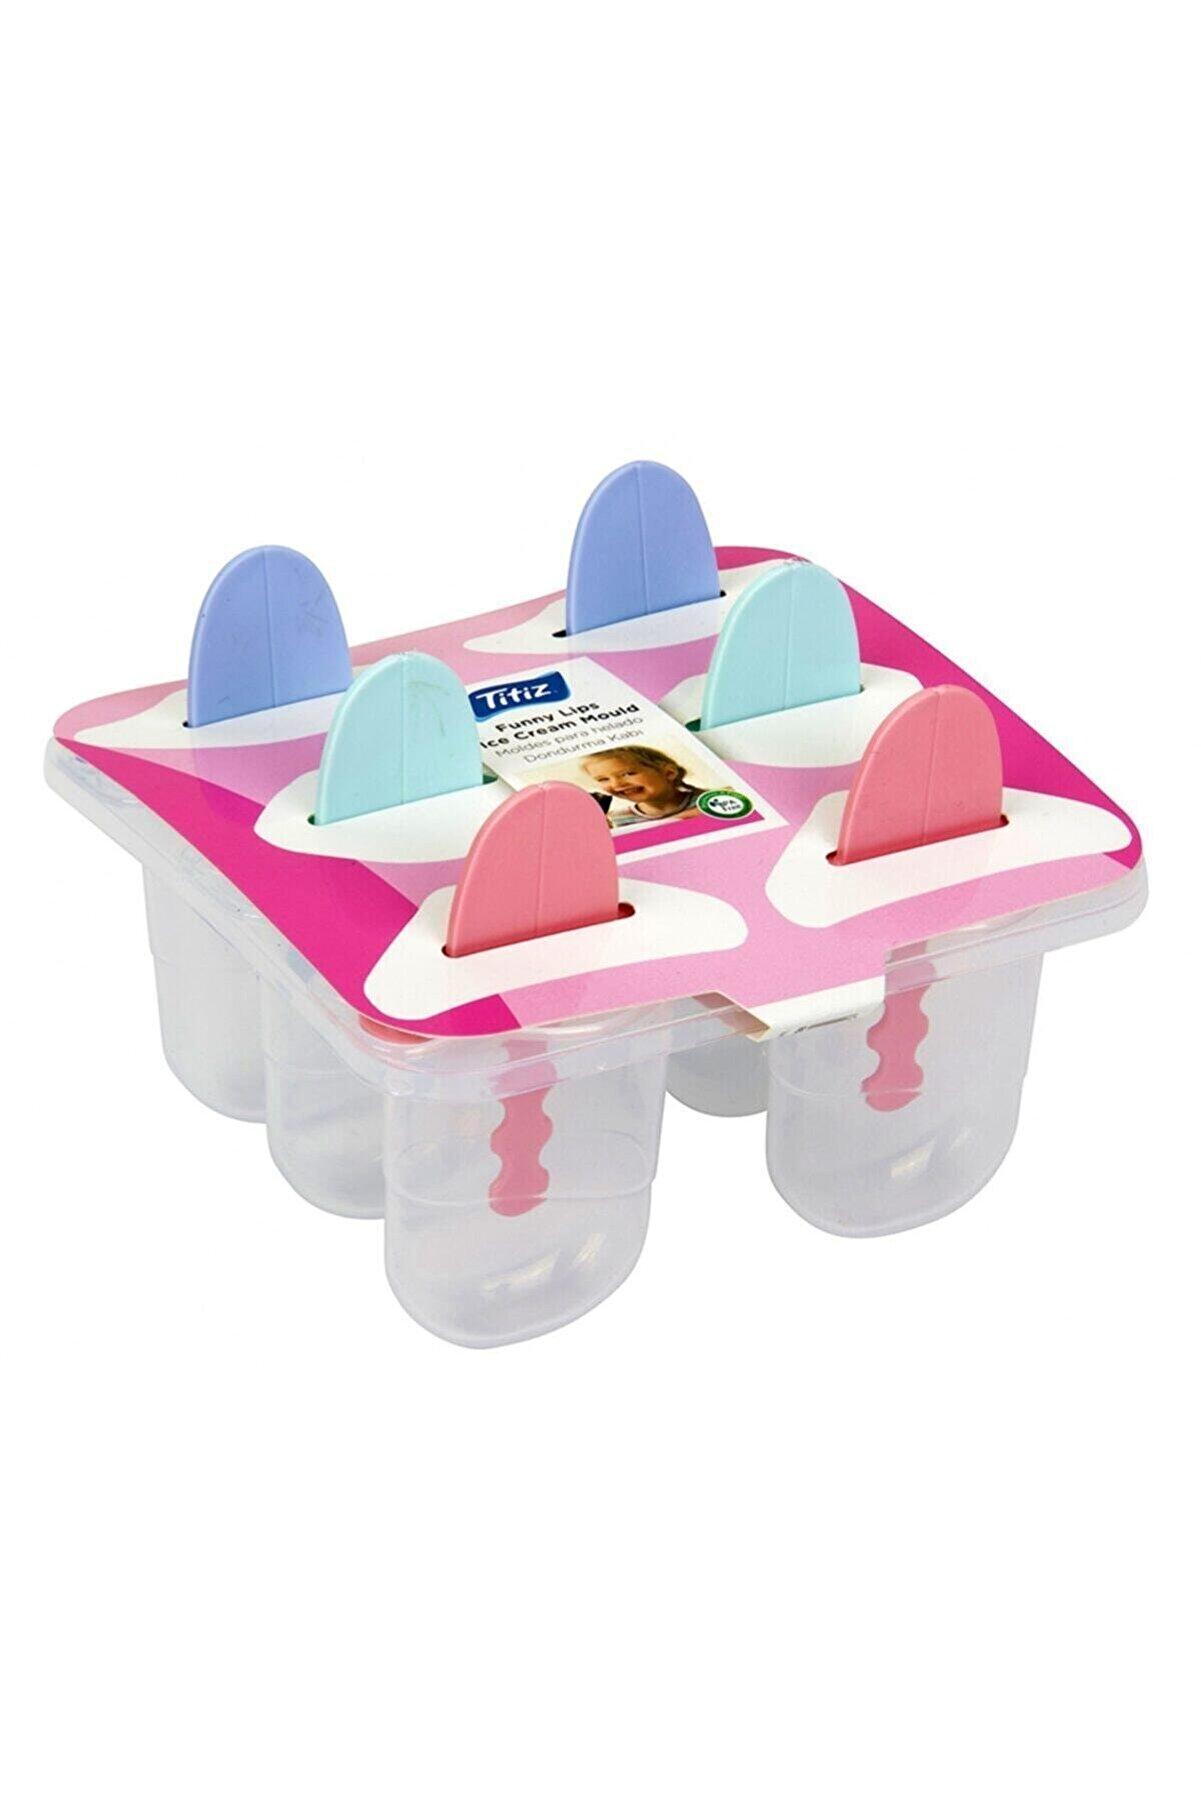 Titiz Çubuklu Dondurma Yapma Kalıp Kap Kase 6 Lı Dondurma Kalıbı